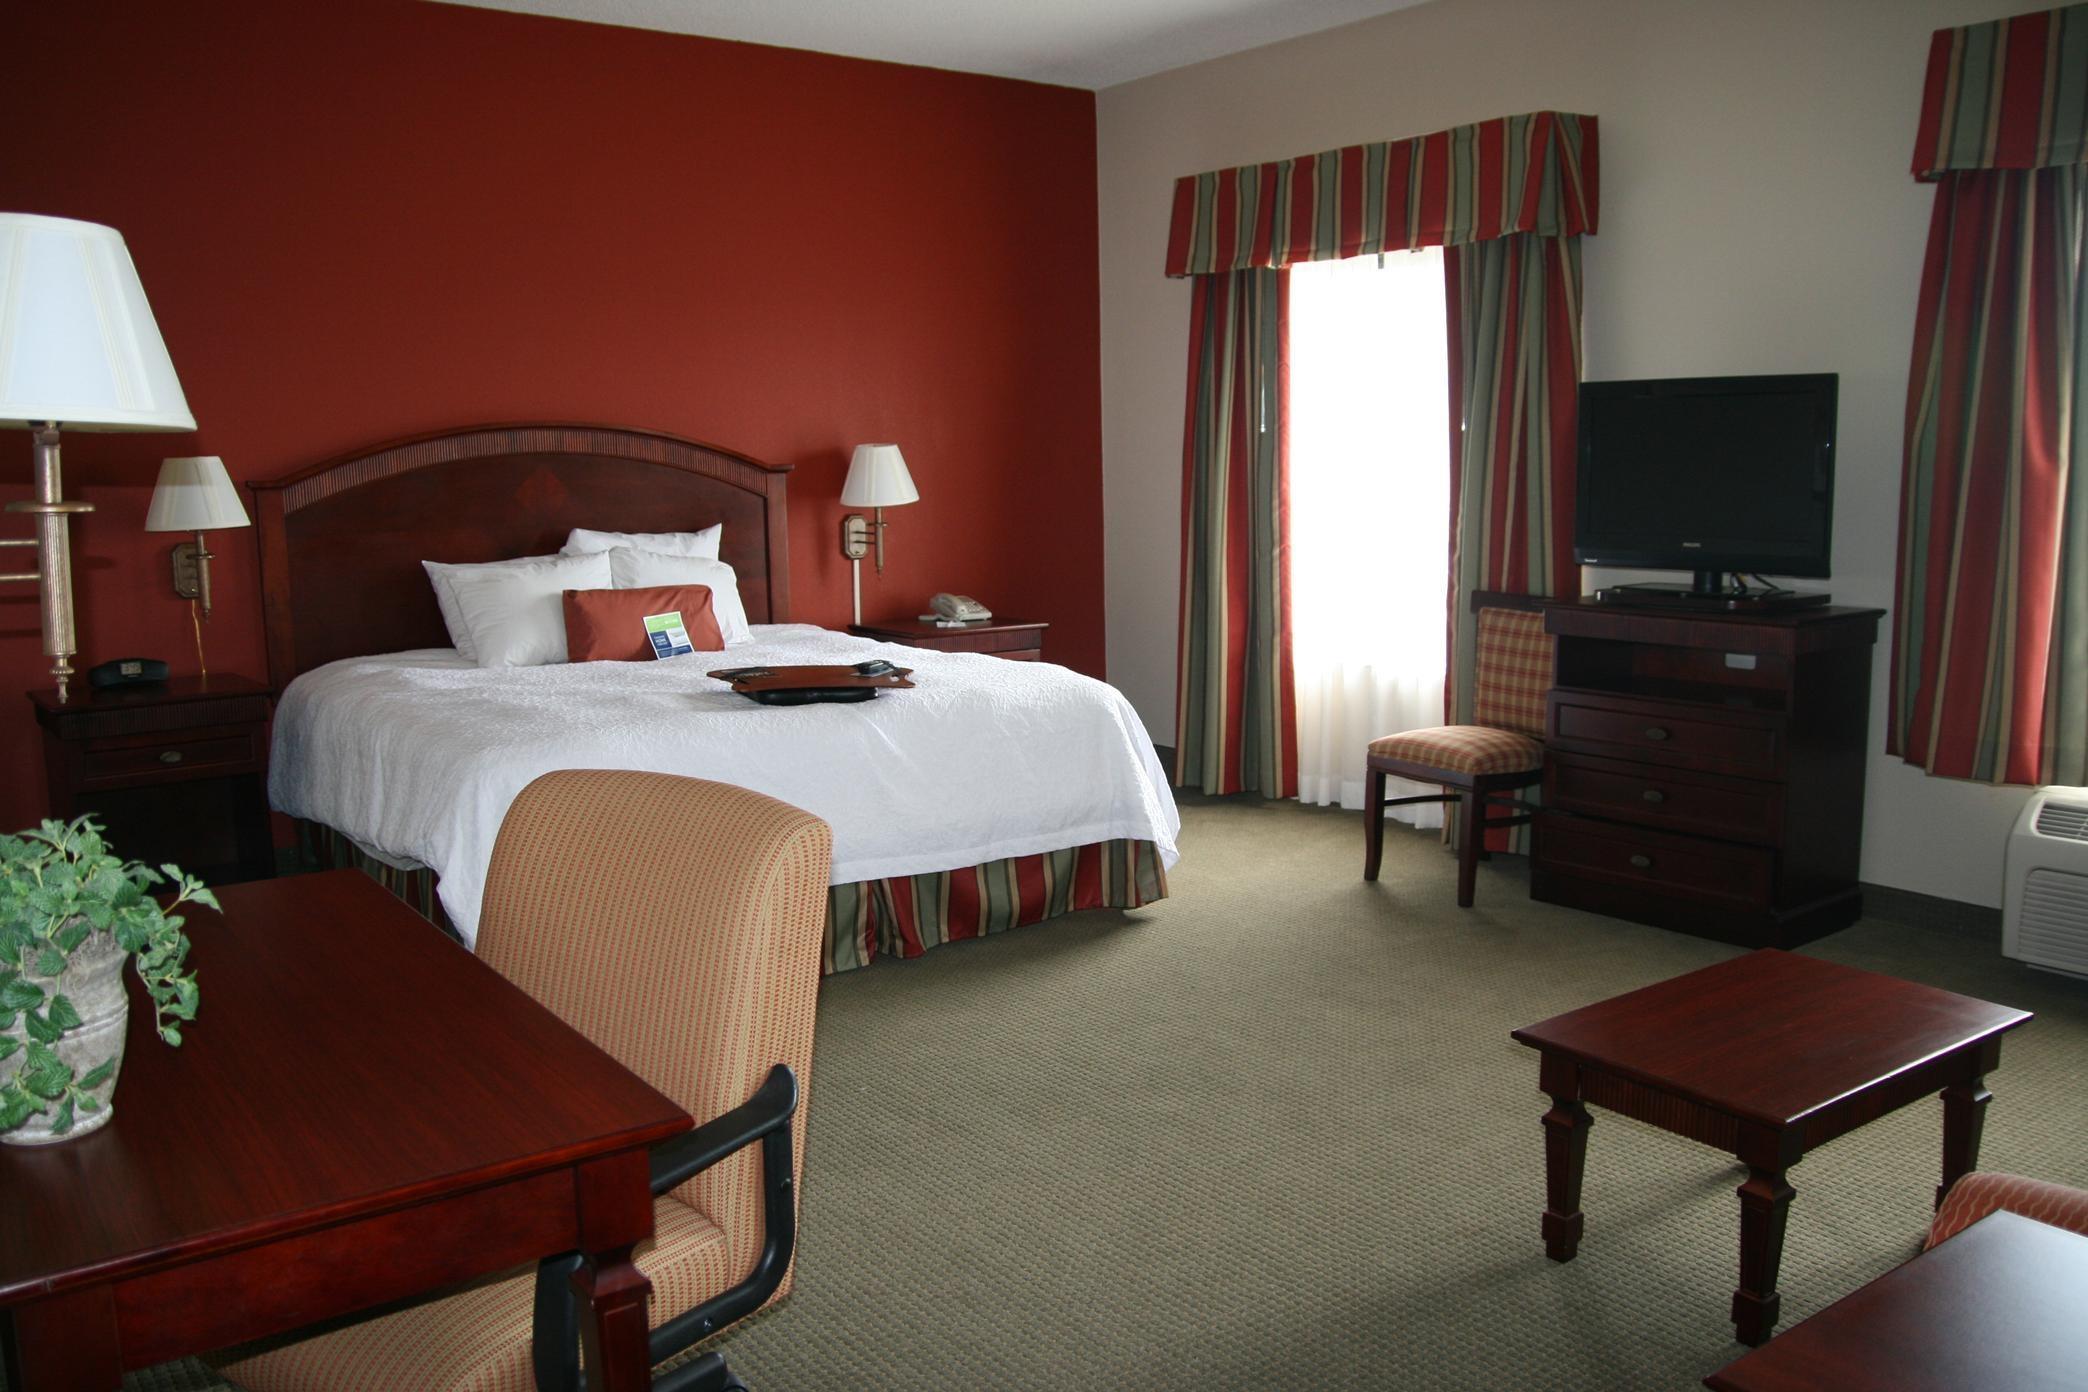 Hampton Inn & Suites Lafayette image 21